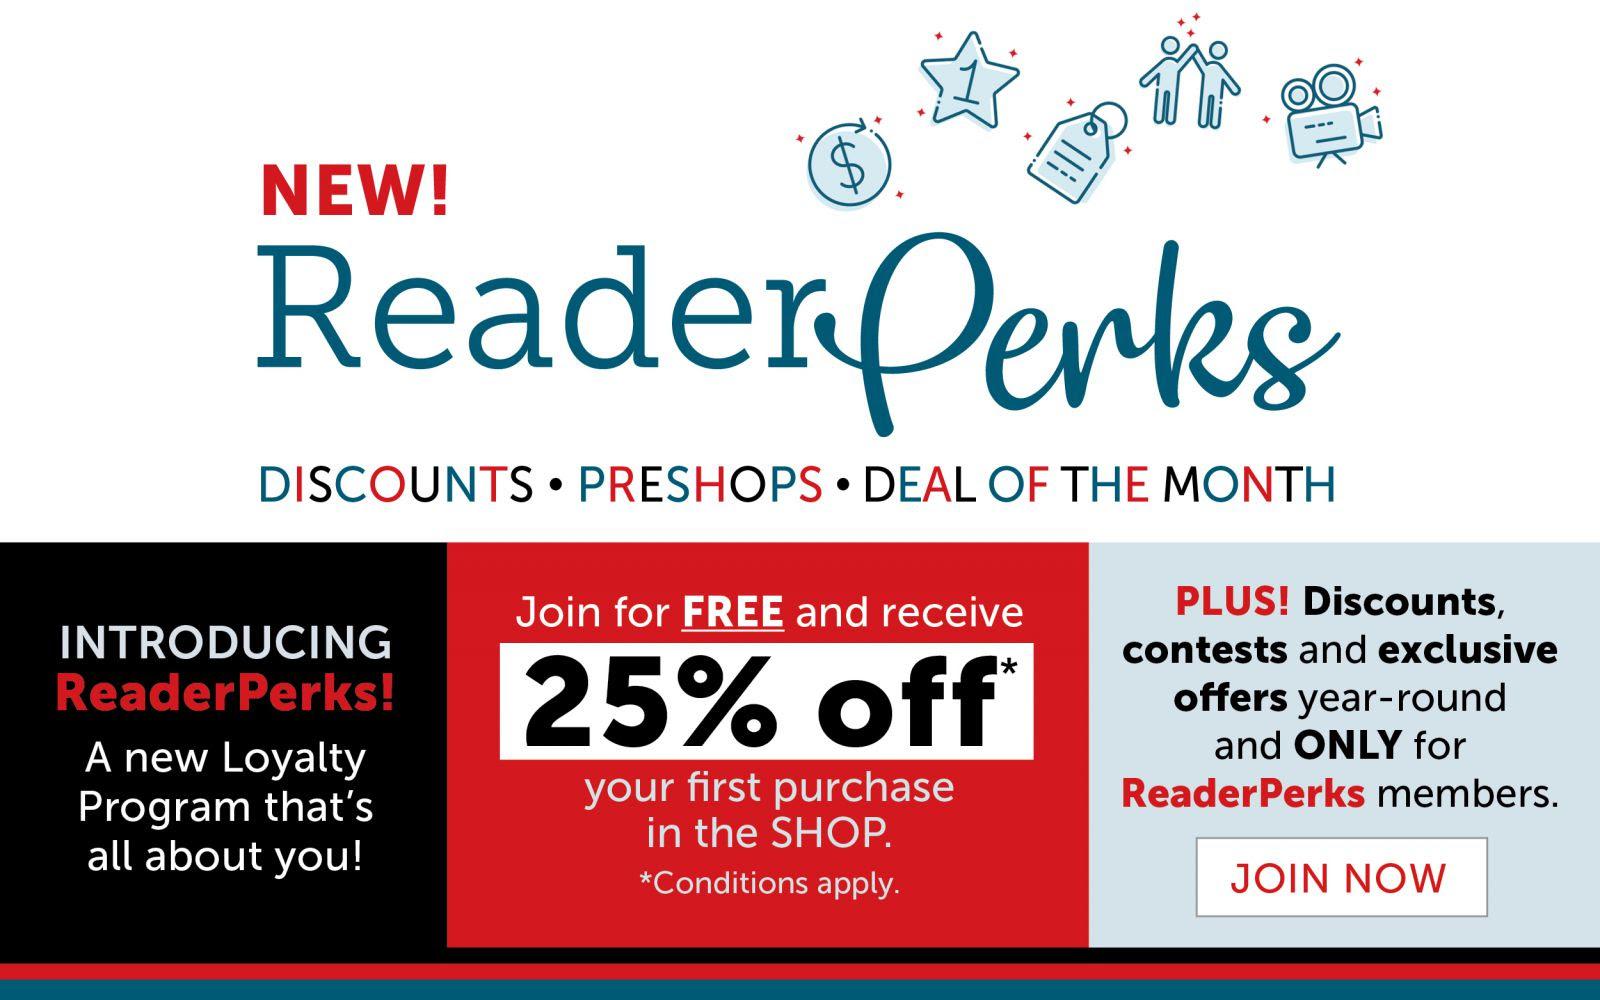 ReaderPerks